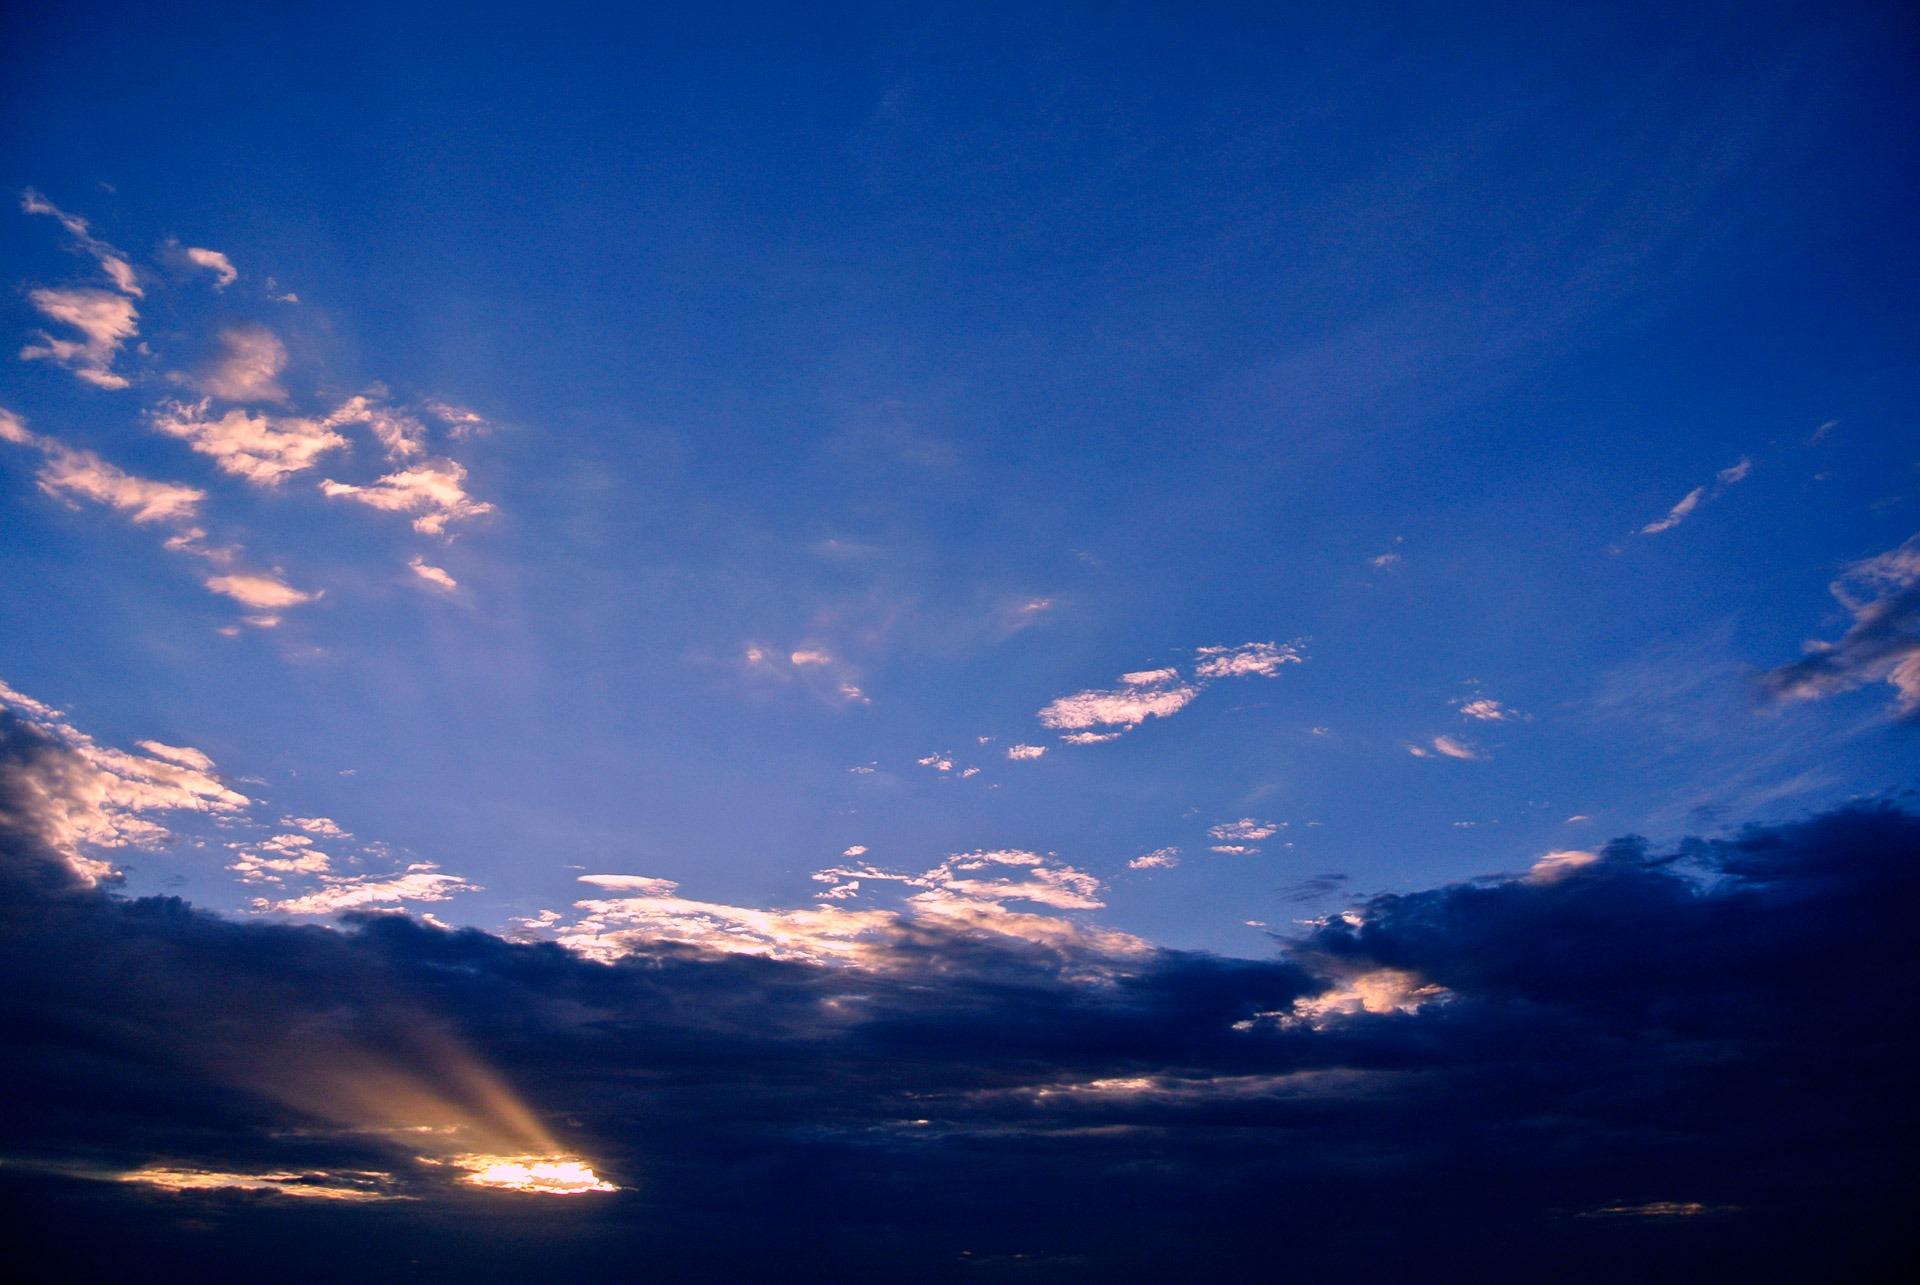 красивые фото неба высокого качества для